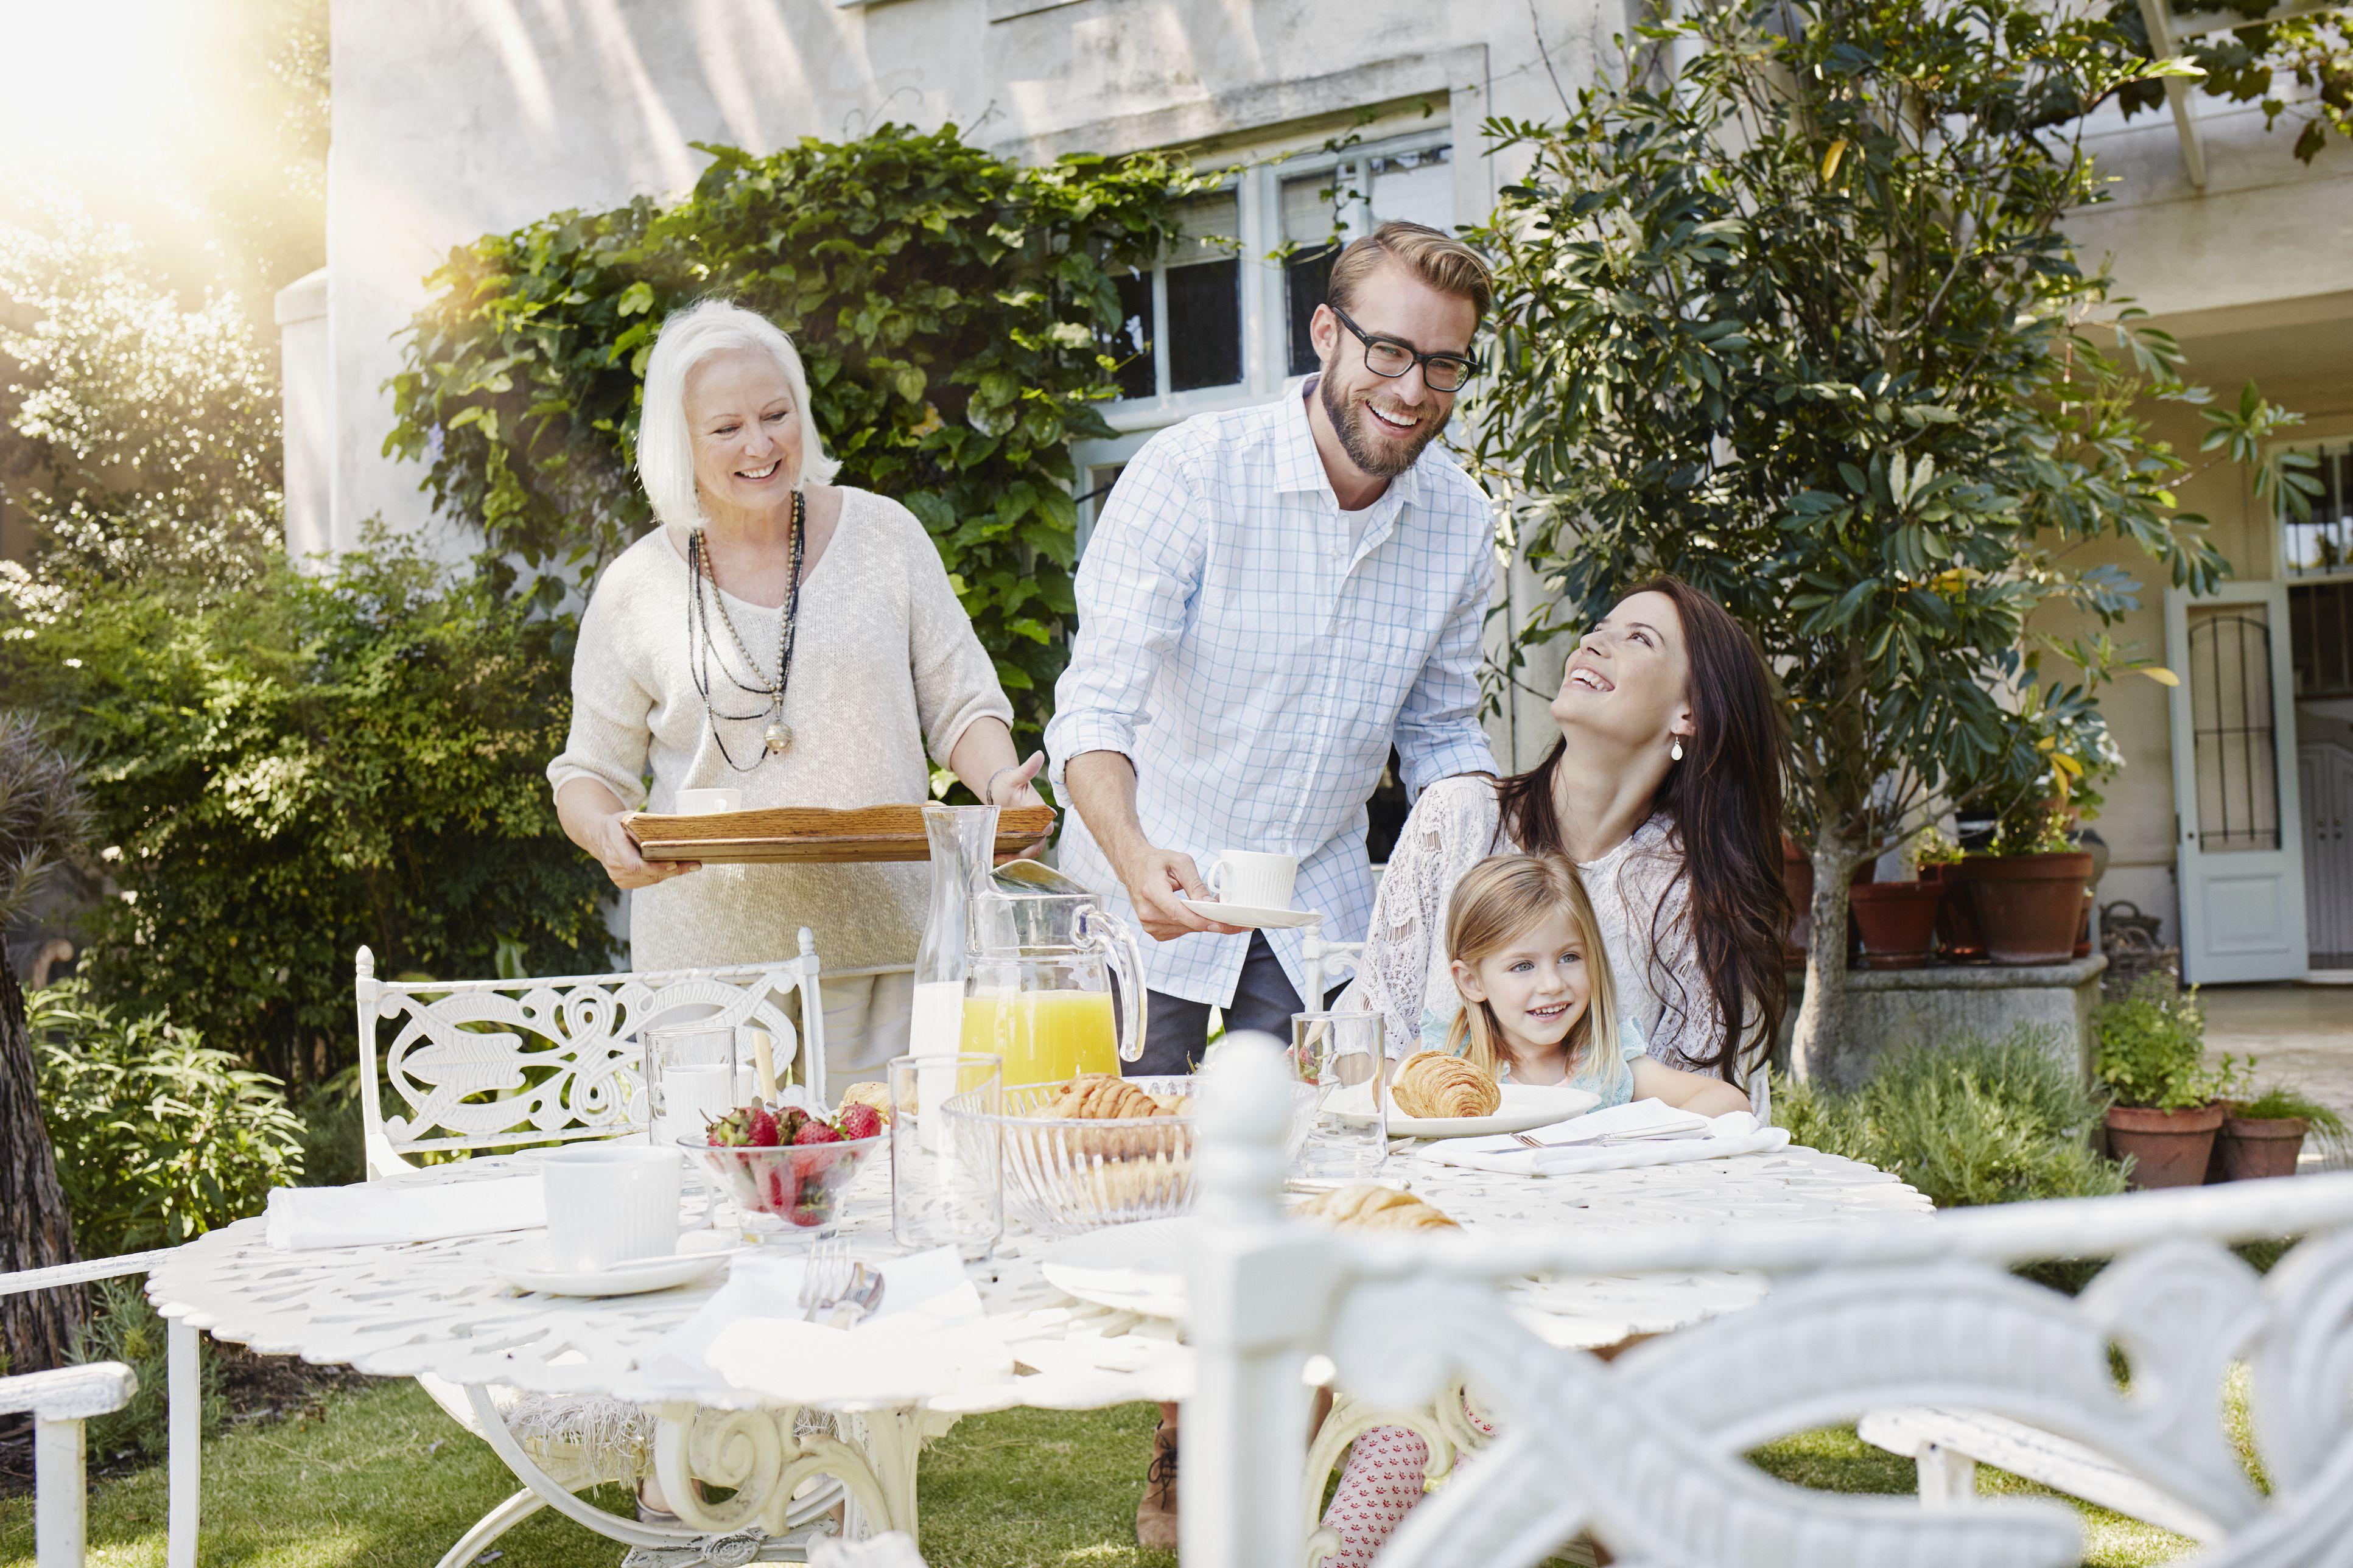 Family having breakfast in the garden